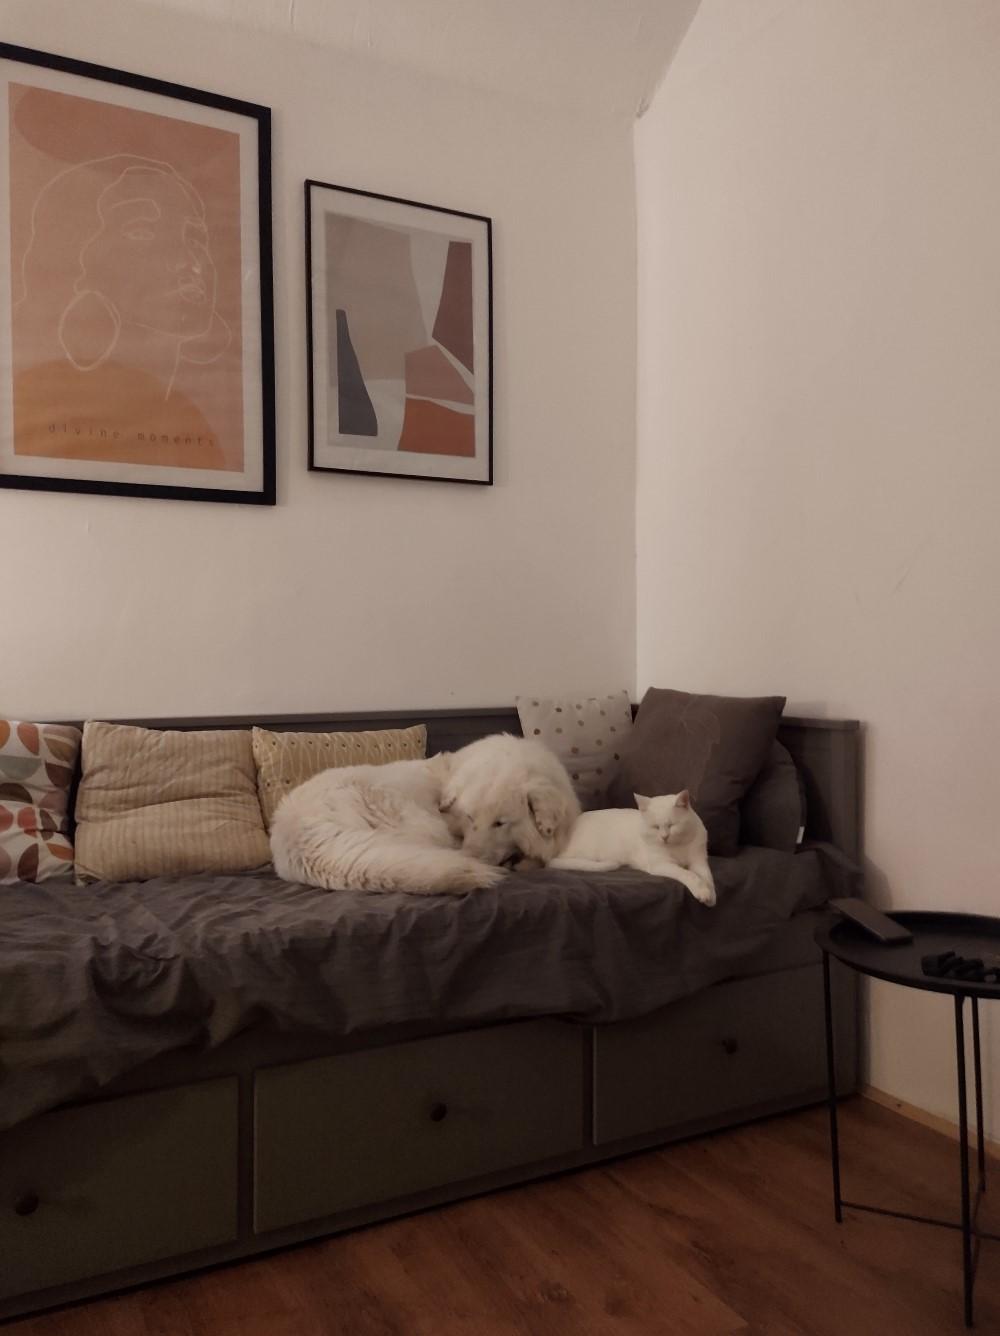 tiny house Iași Constantin și iubita lui s-au ocupat de designul casei, cu mobila de la IKEA și JYSK